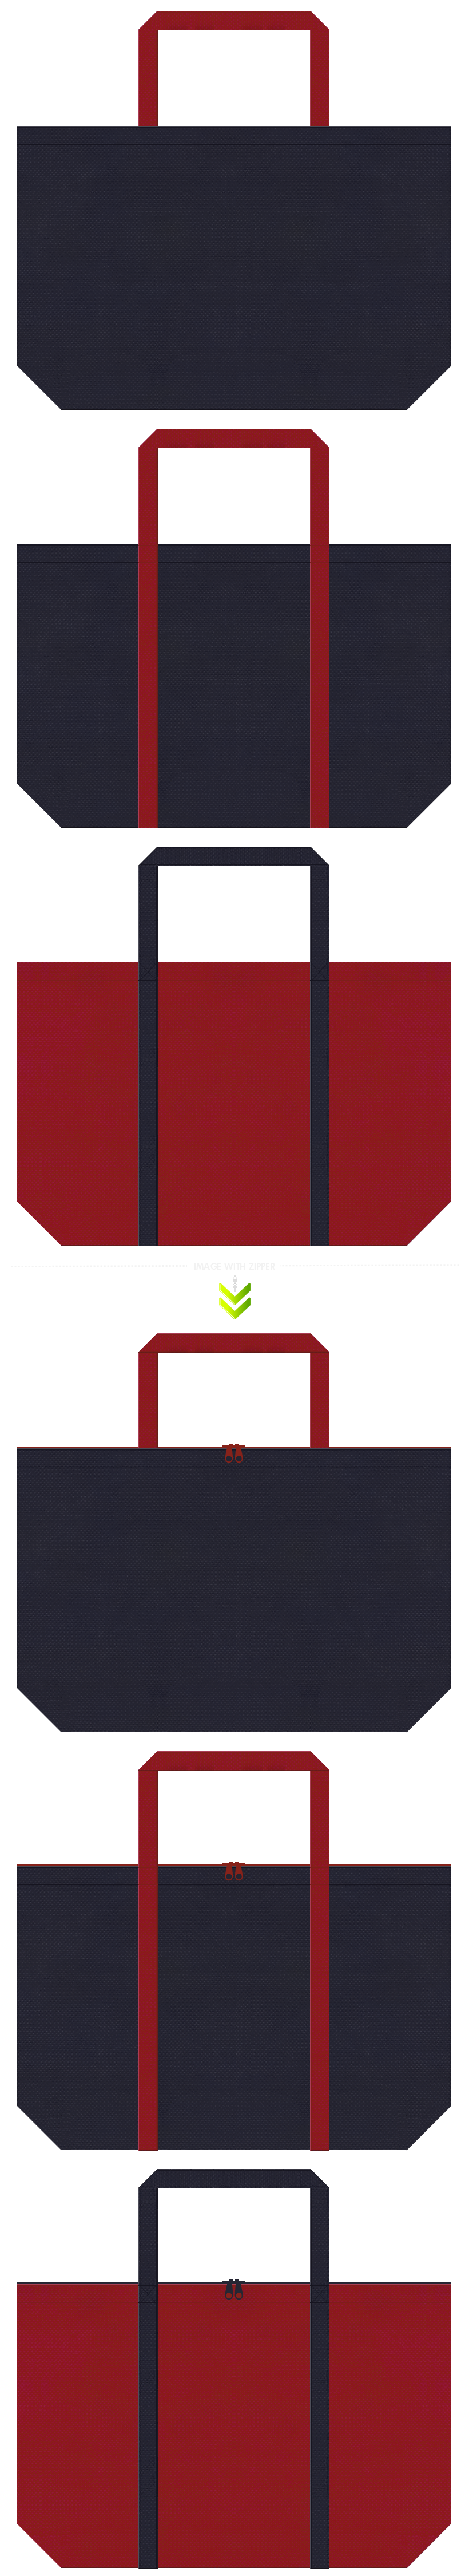 濃紺色とエンジ色の不織布エコバッグのデザイン。インディゴデニムやラガーシャツのイメージにお奨めの配色です。